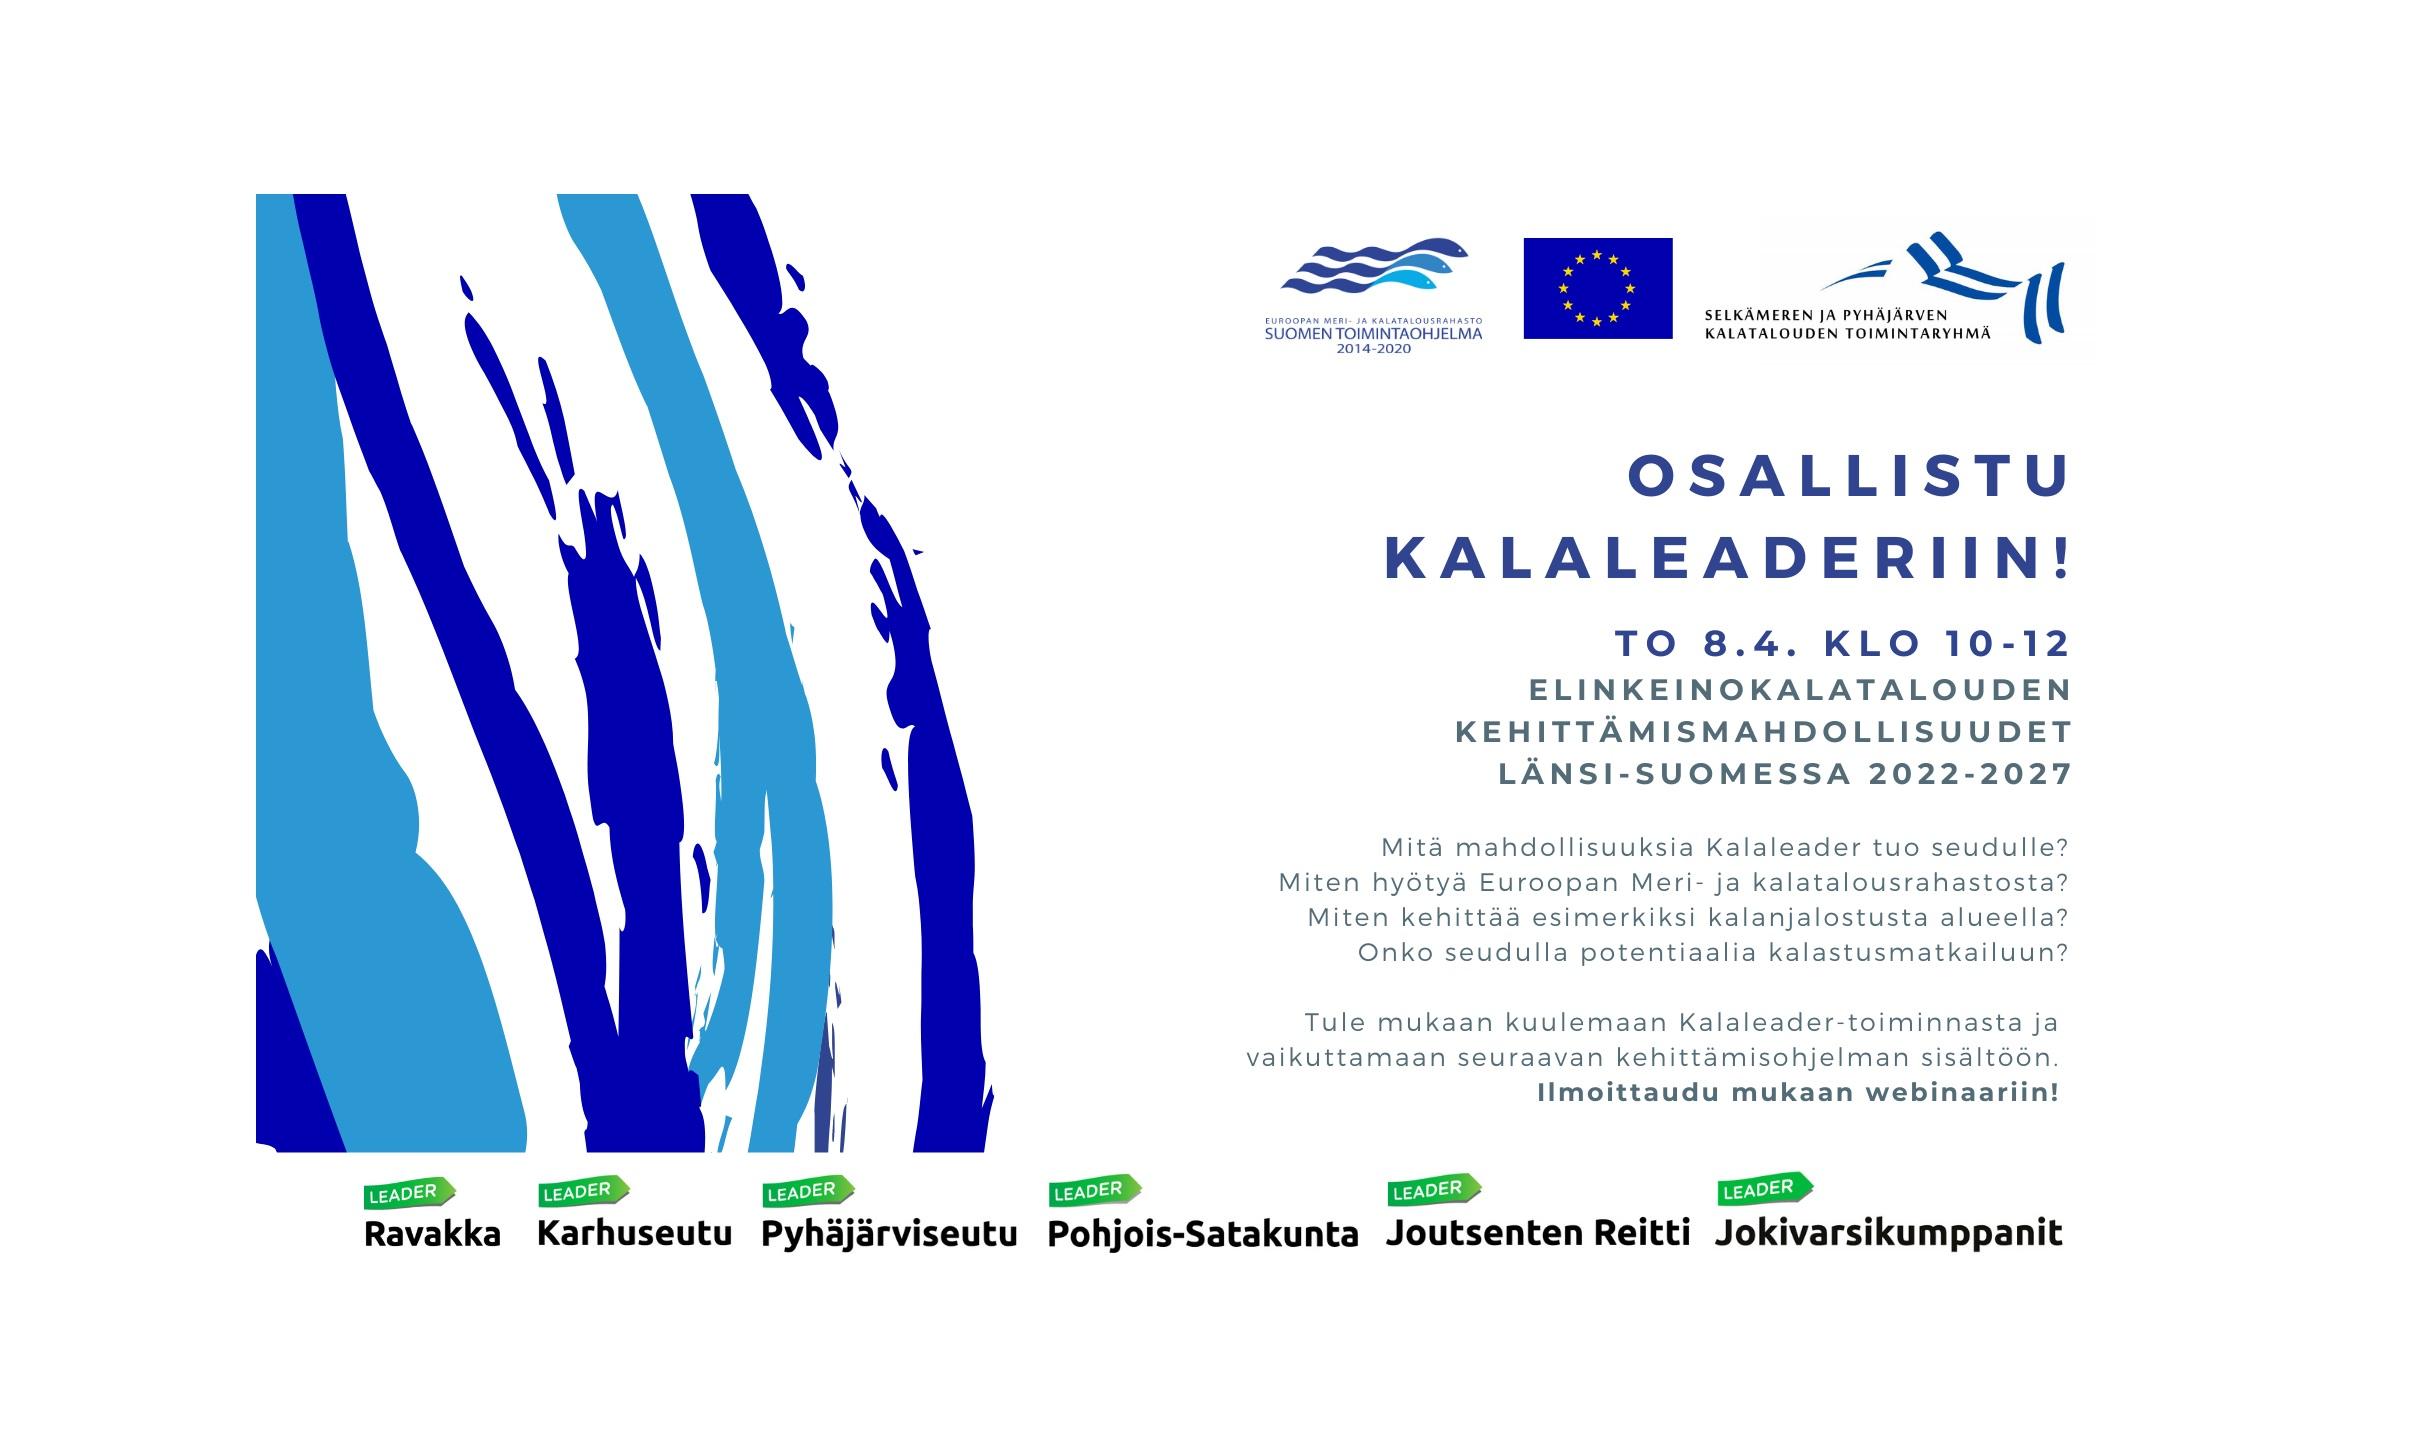 Osallistu Kalaleaderiin! ilmoitus 8.4.